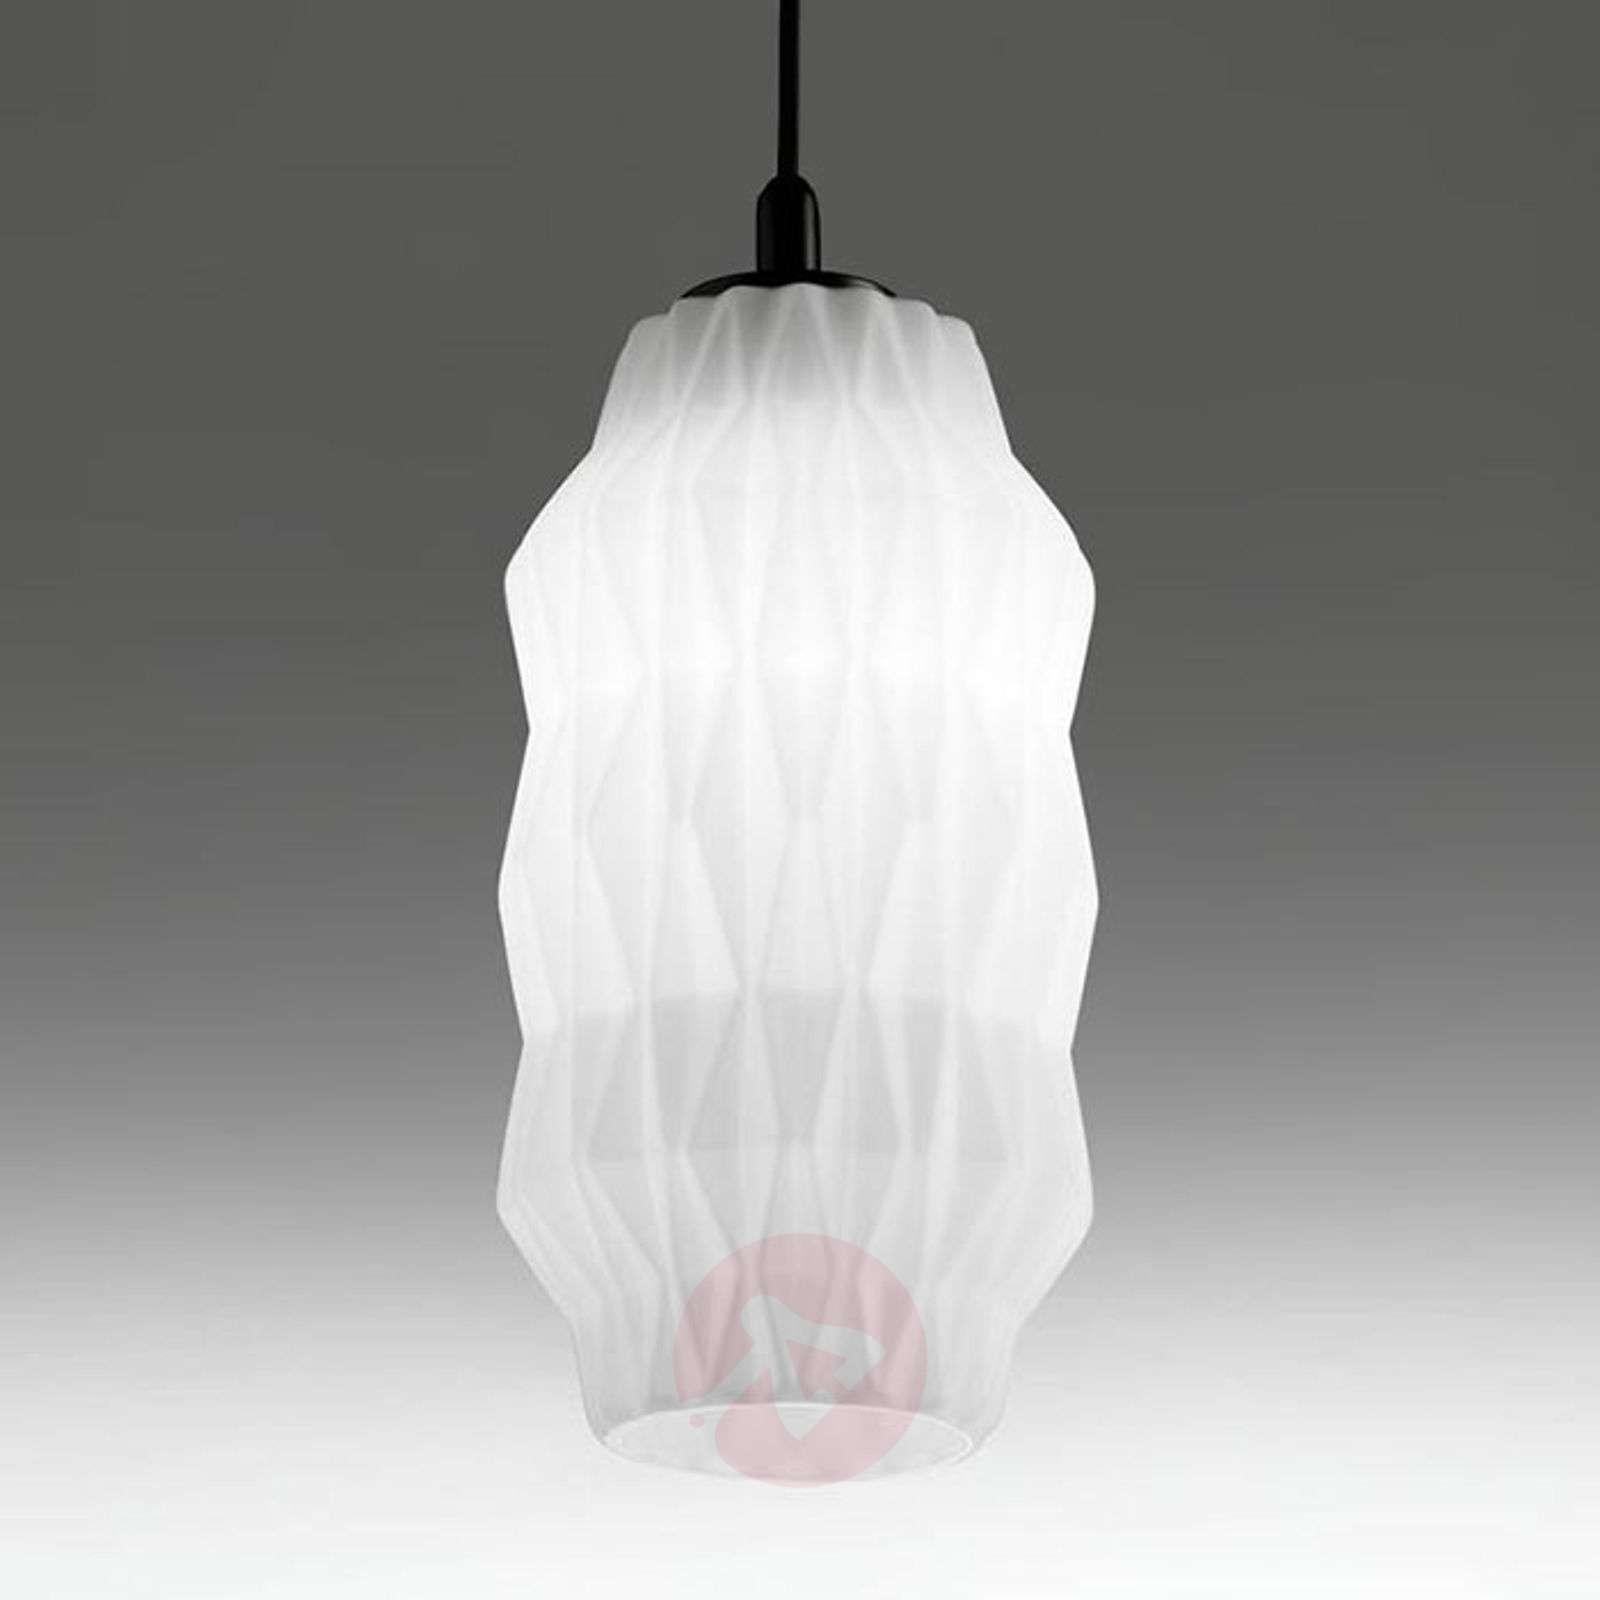 Elegant Gl Pendant Light Origami White